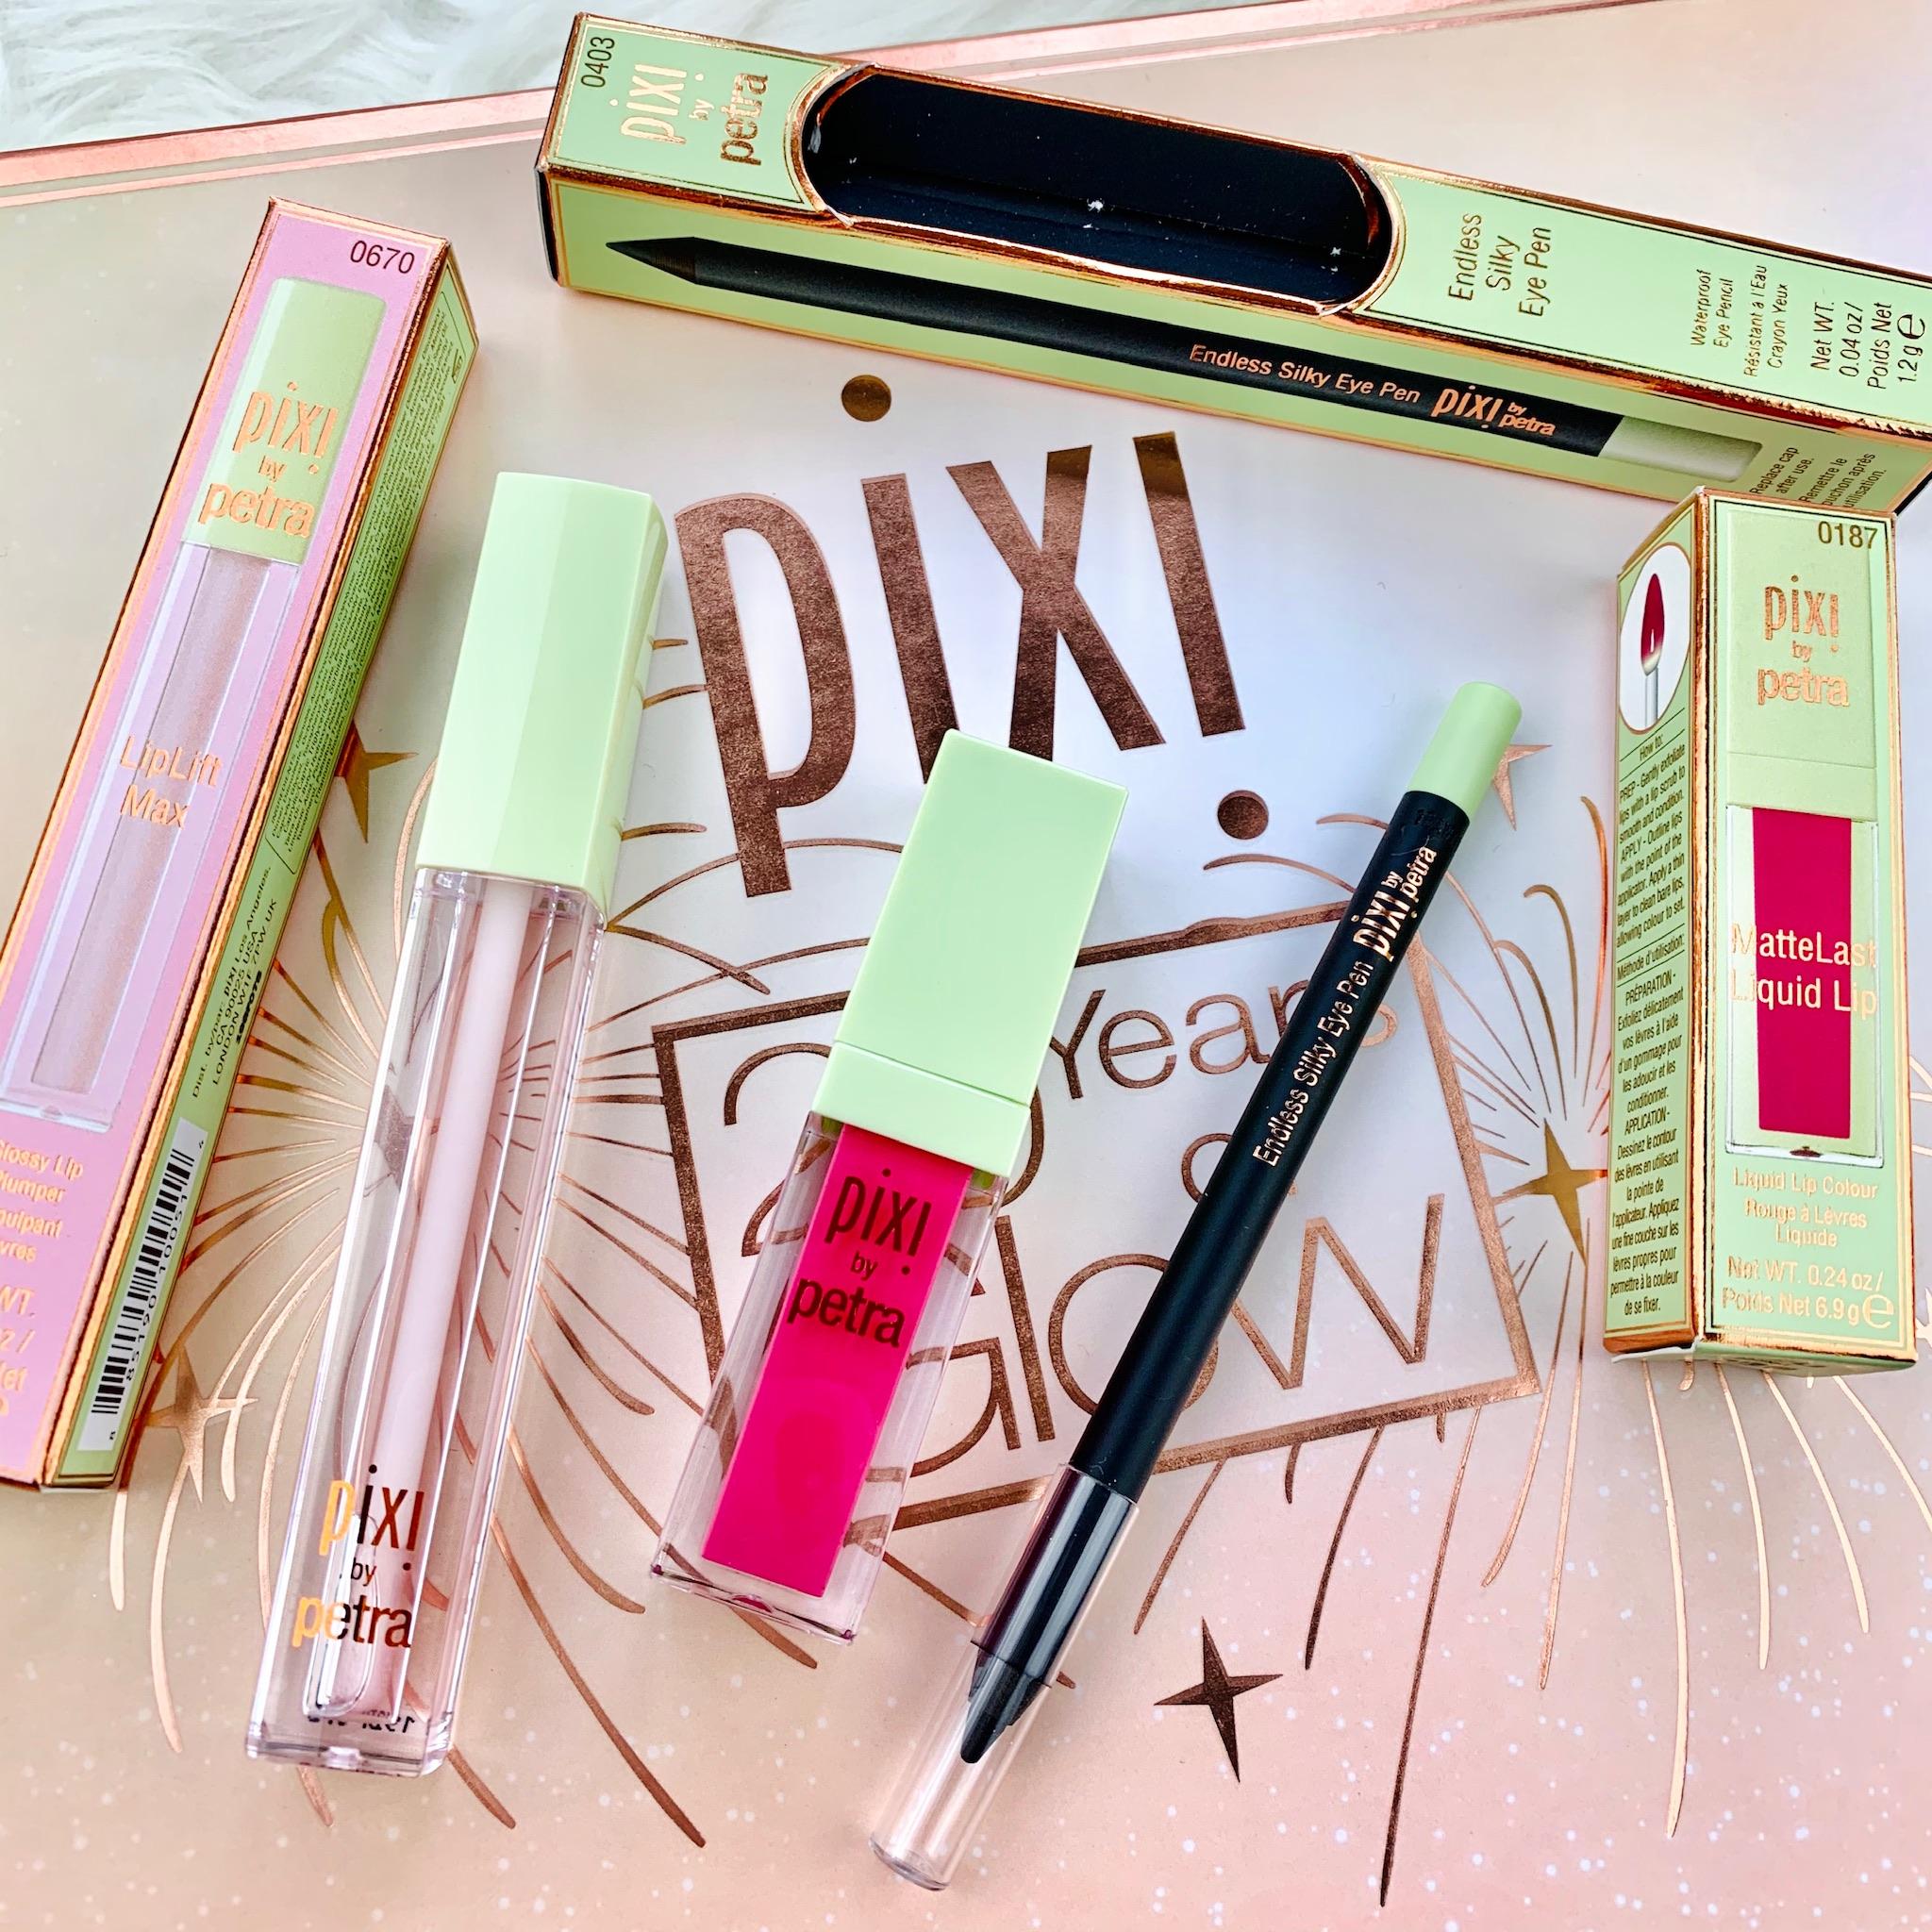 pixi beauty #20yearsofglow